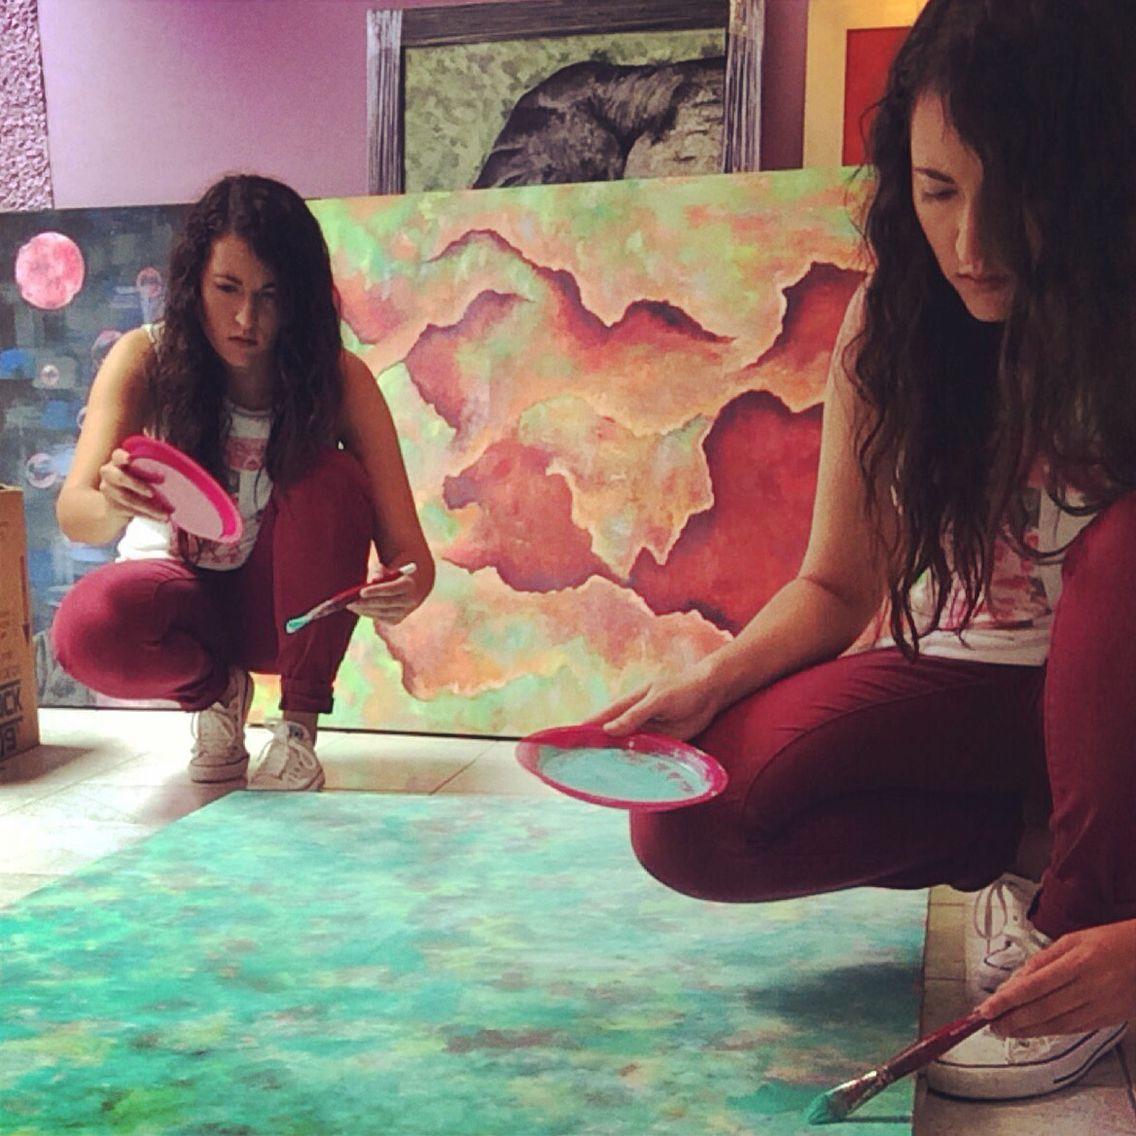 Pintando, pintura al oleo colores sobre lienzo